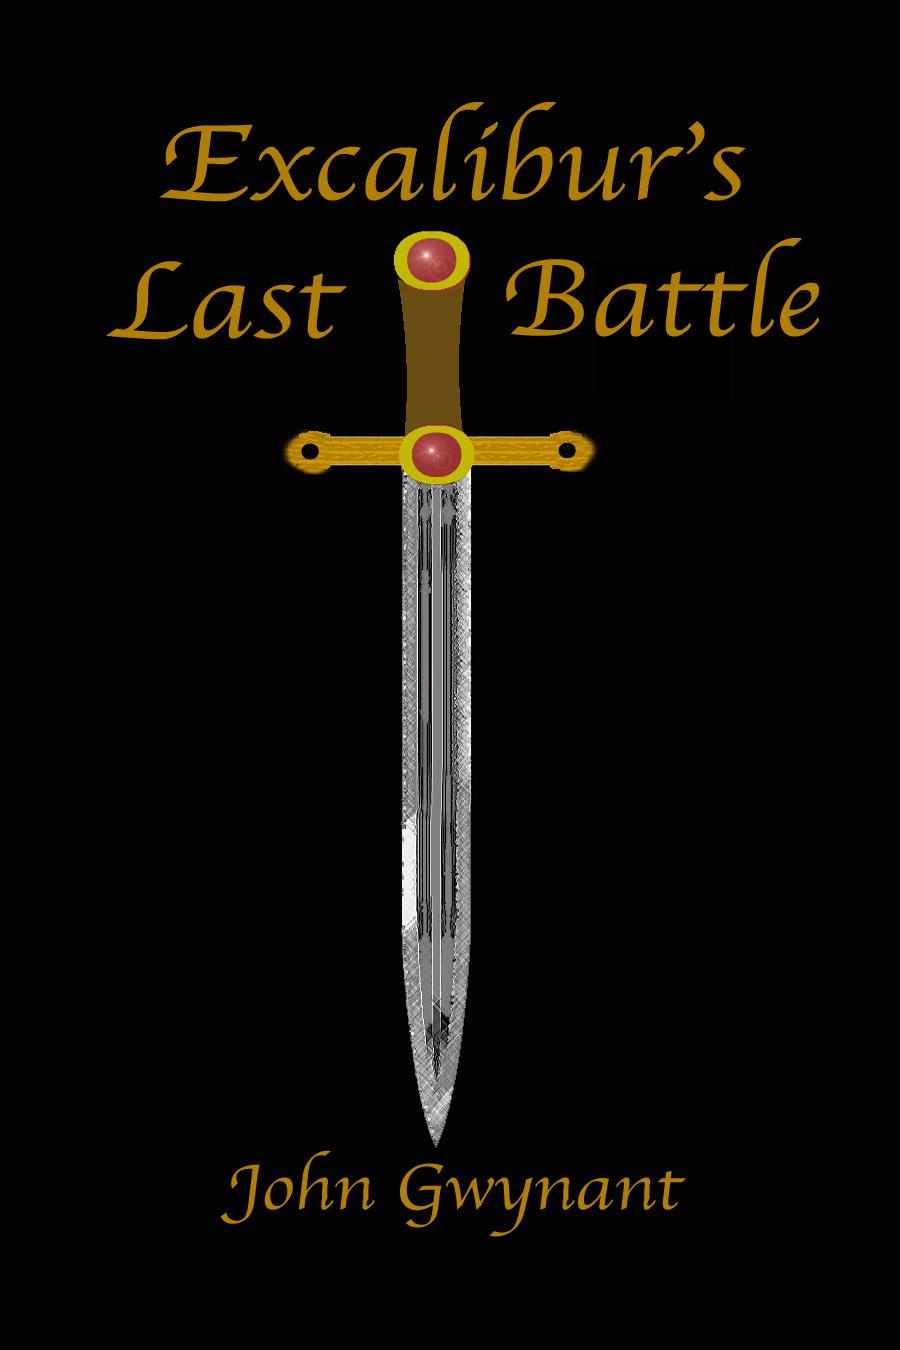 Excalibur's Last Battle